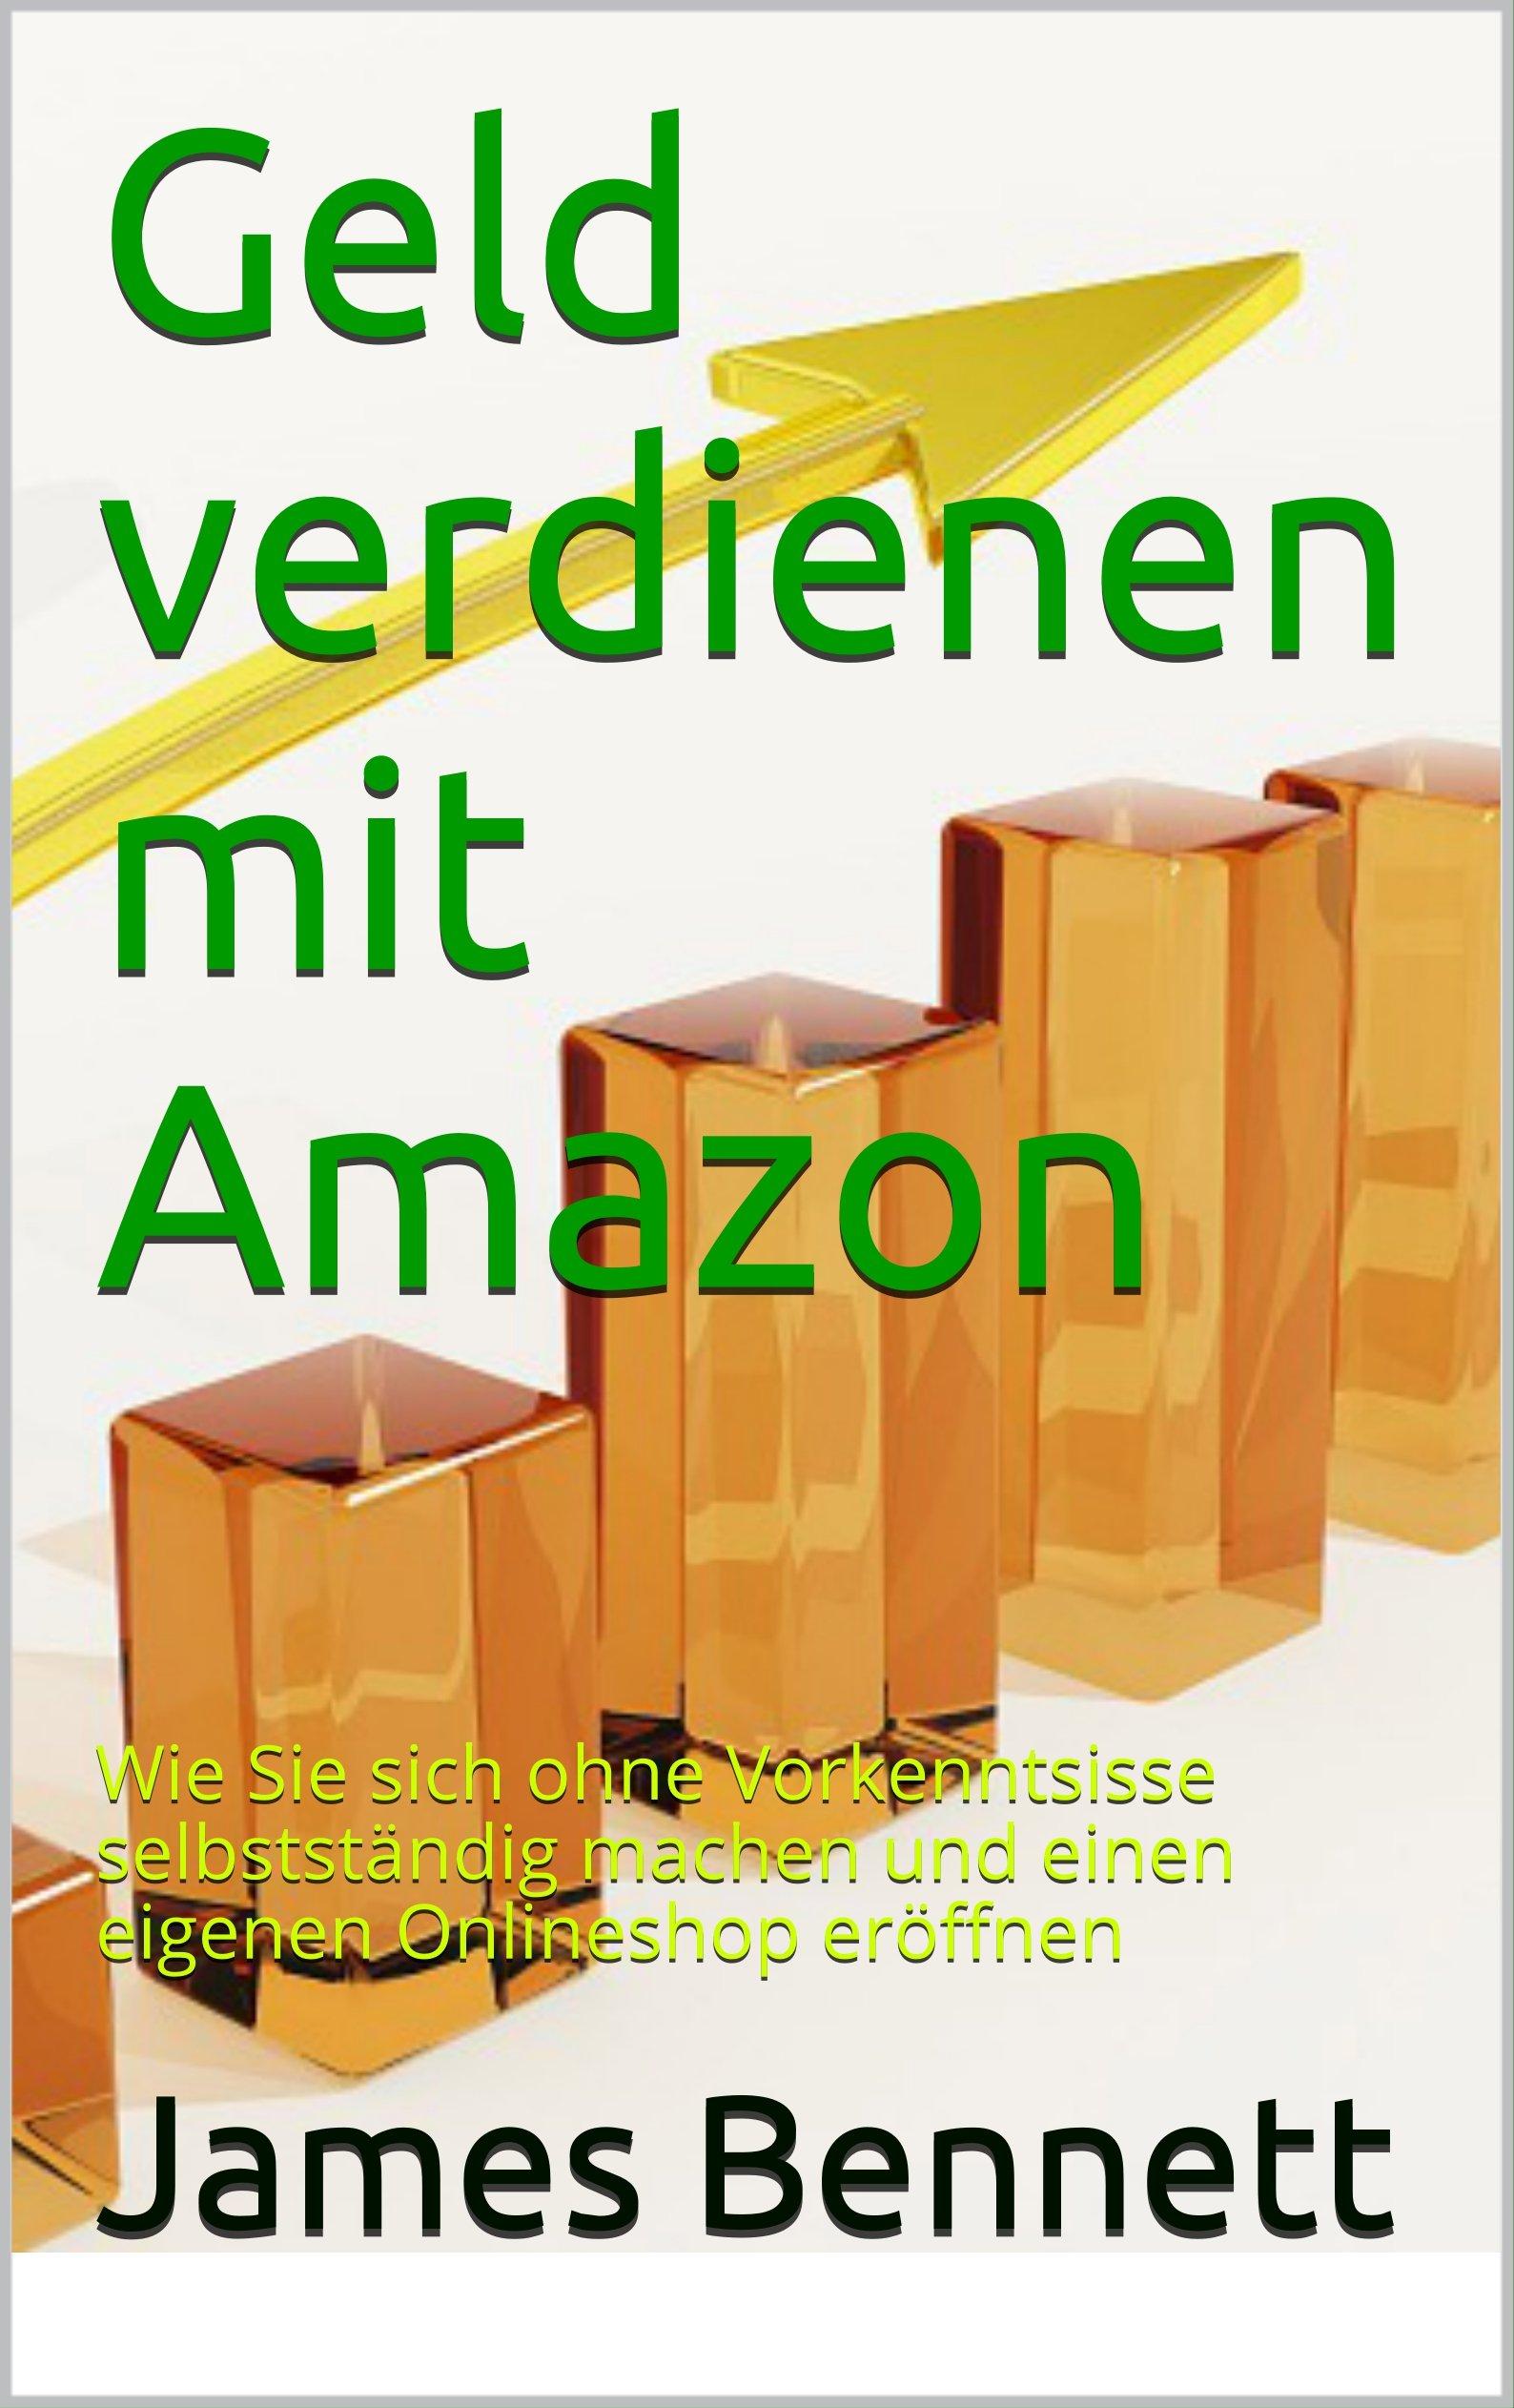 Geld verdienen mit Amazon (Im Internet Online Geld verdien, Passives Einkommen, Finanzielle Freiheit): Wie Sie sich ohne Vorkenntnisse selbstständig machen ... eigenen Onlineshop eröffnen (German Edition)